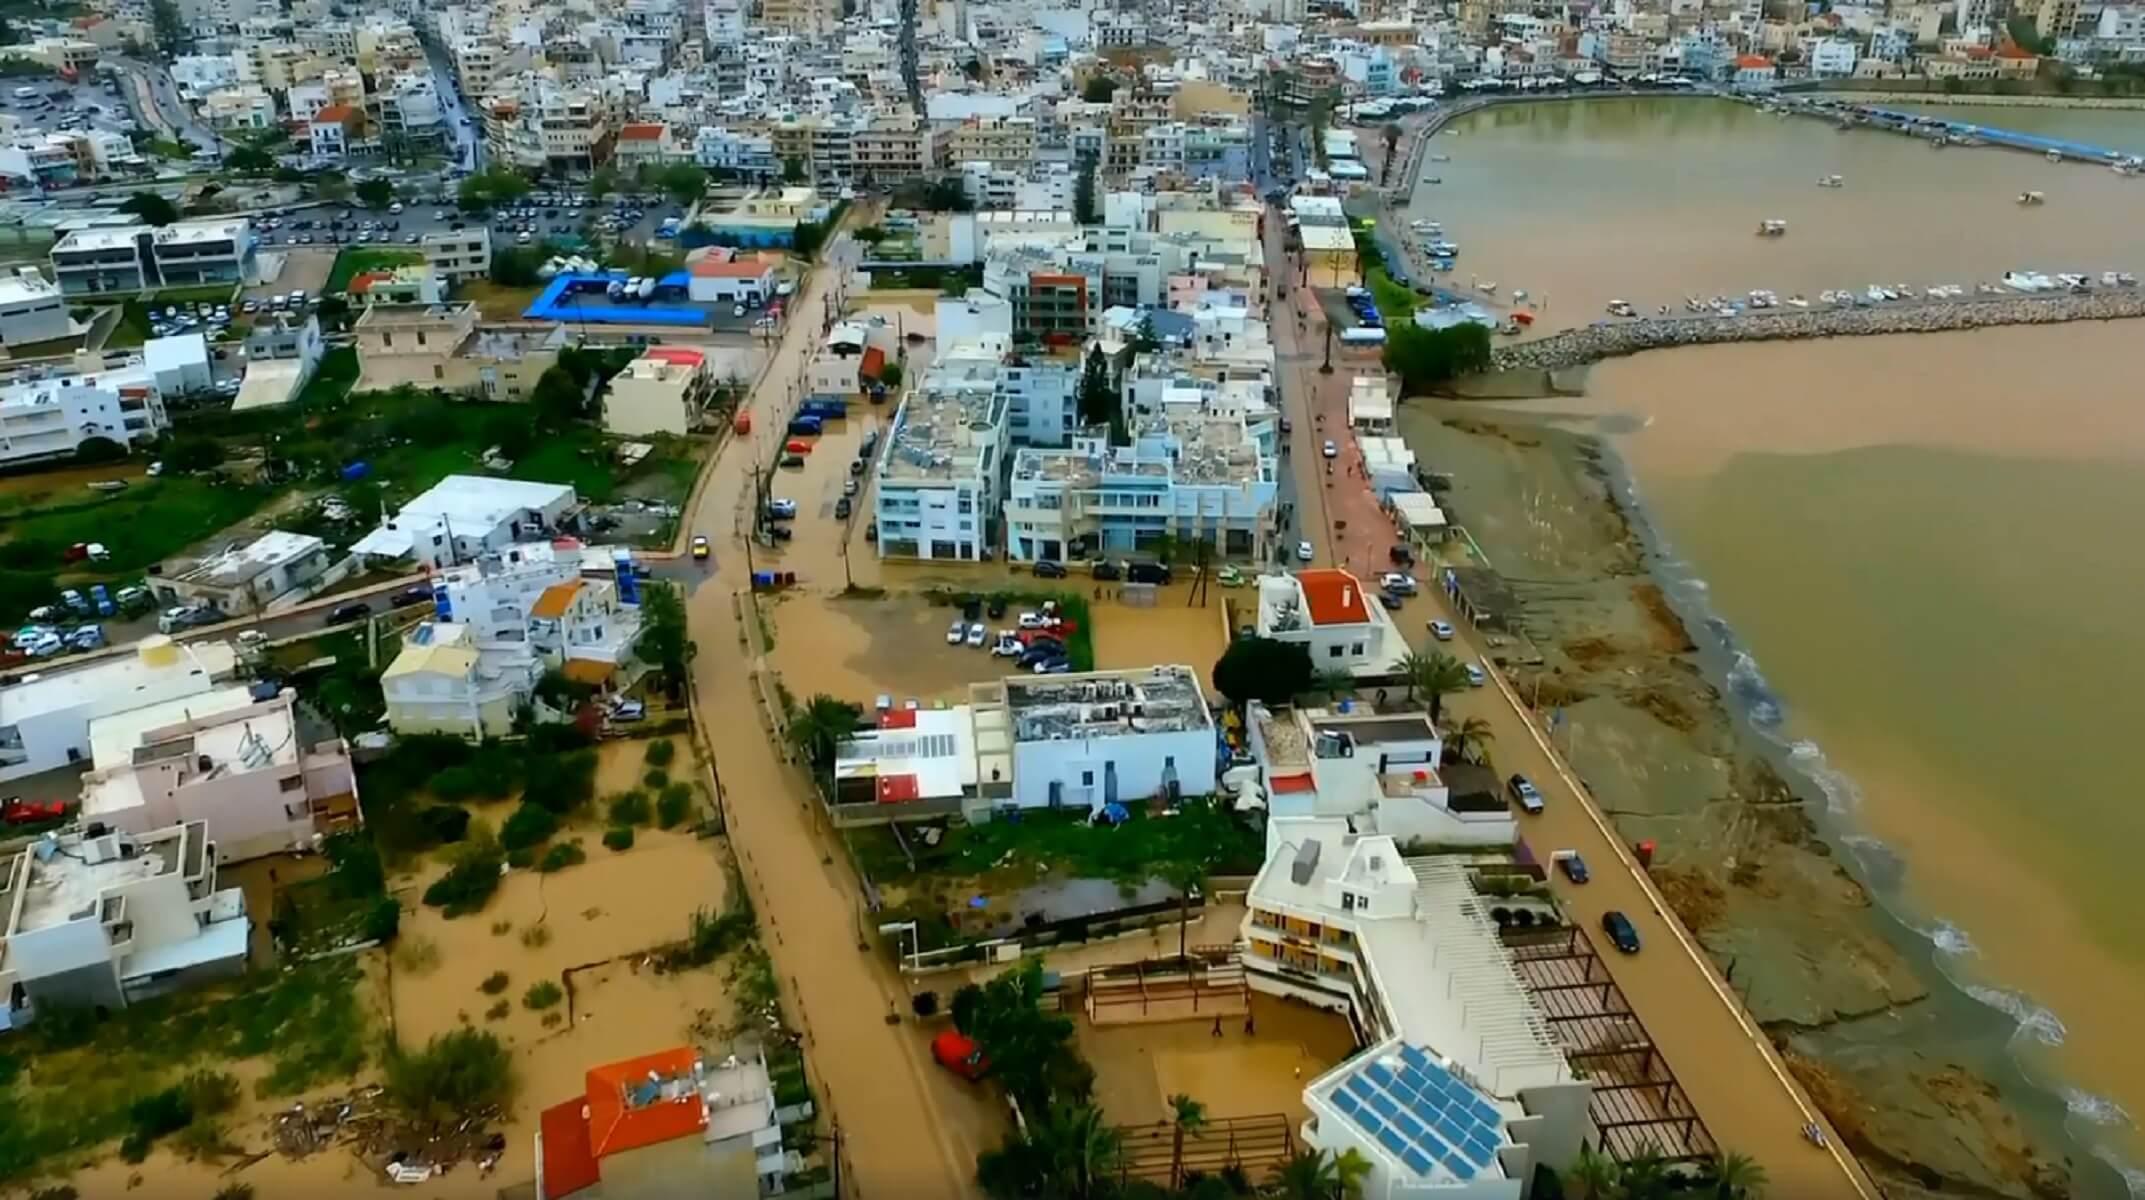 Απέραντη λασπούπολη η Σητεία – Μεγάλες καταστροφές από τις χθεσινές βροχοπτώσεις!